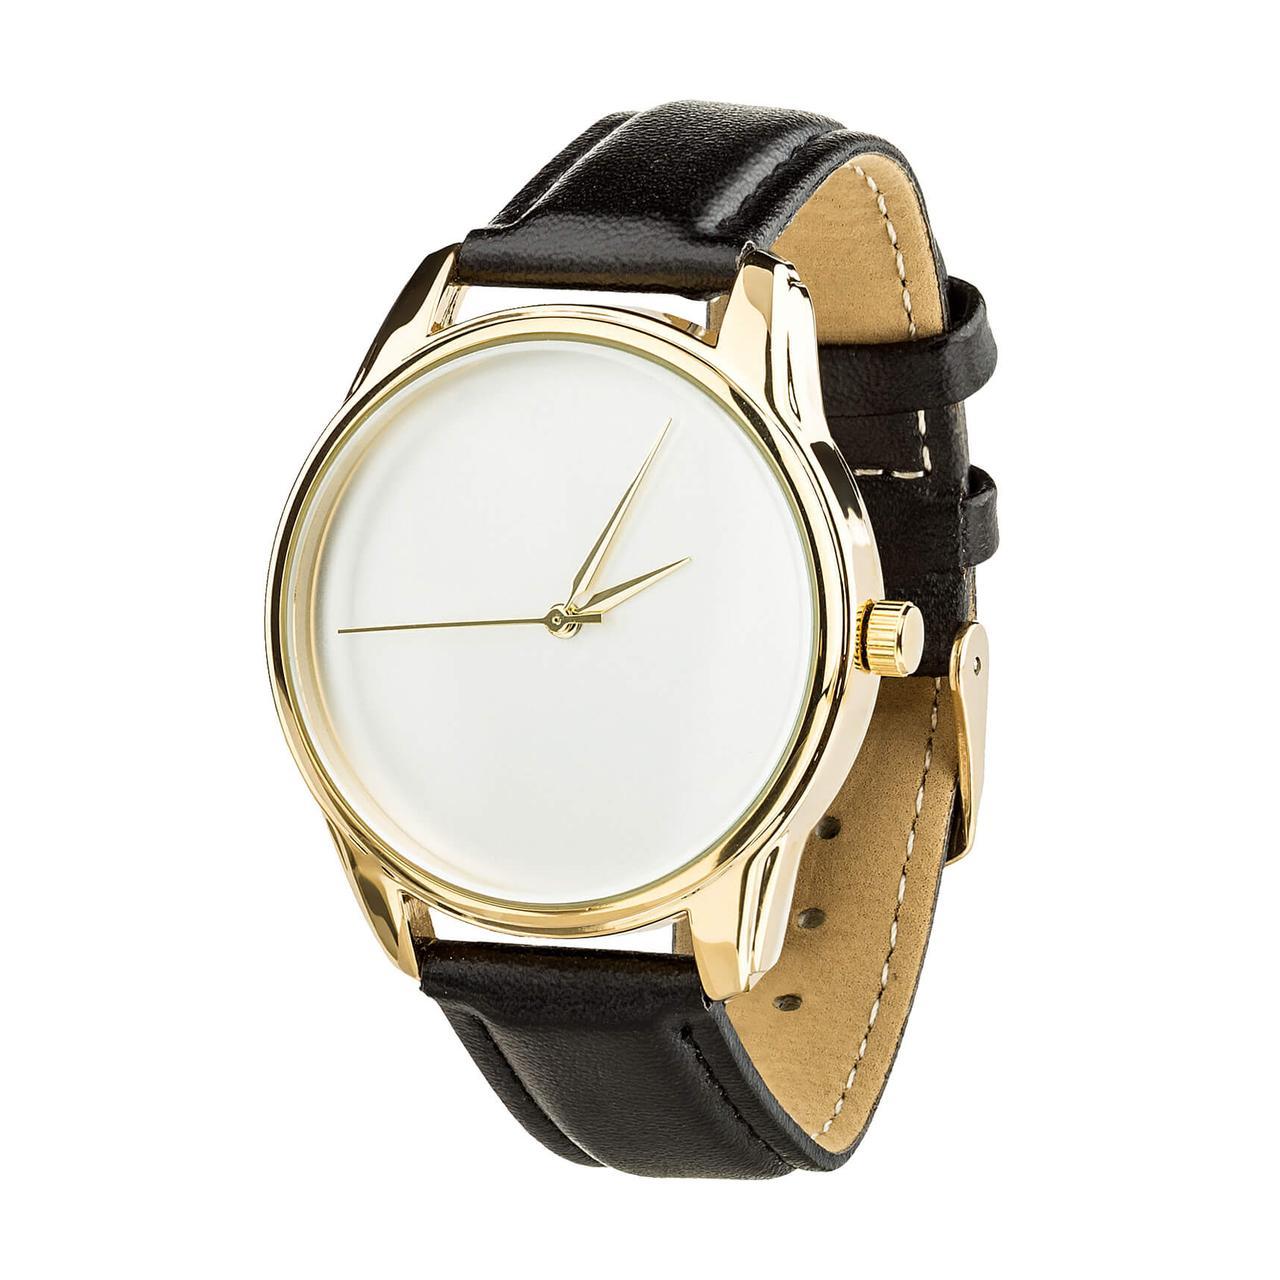 Годинник ZIZ Мінімалізм (ремінець насичено - чорний, золото) + додатковий ремінець